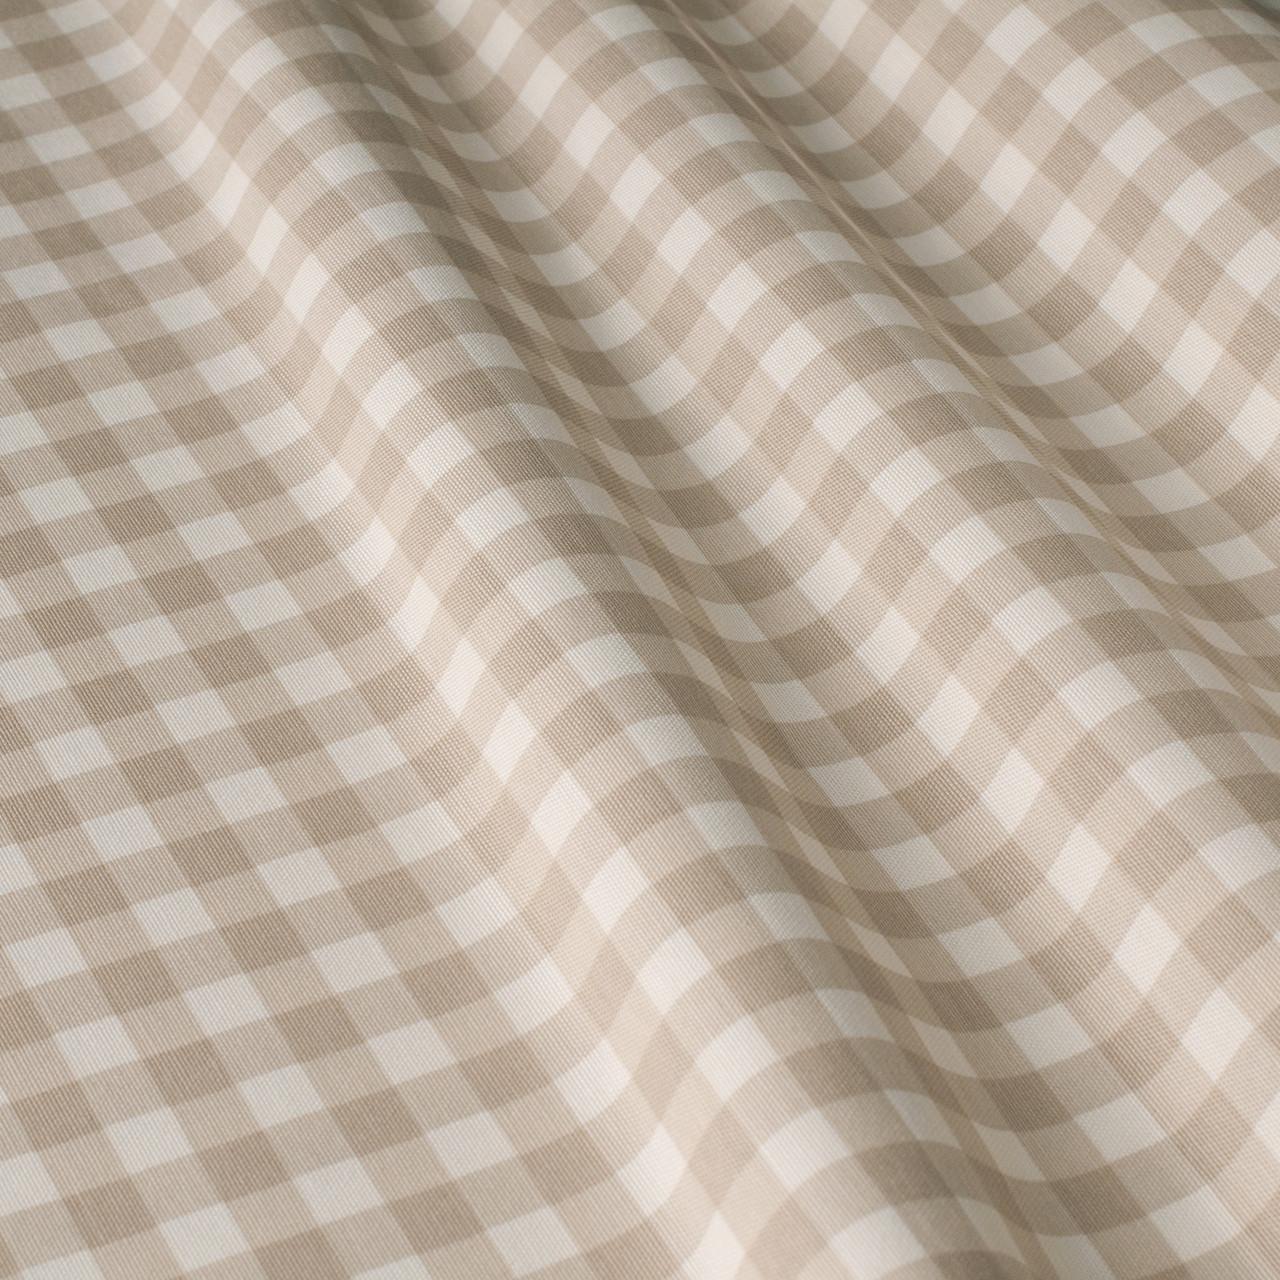 Декоративная ткань в мелкую клетку бело-бежевого цвета Турция 84581v35